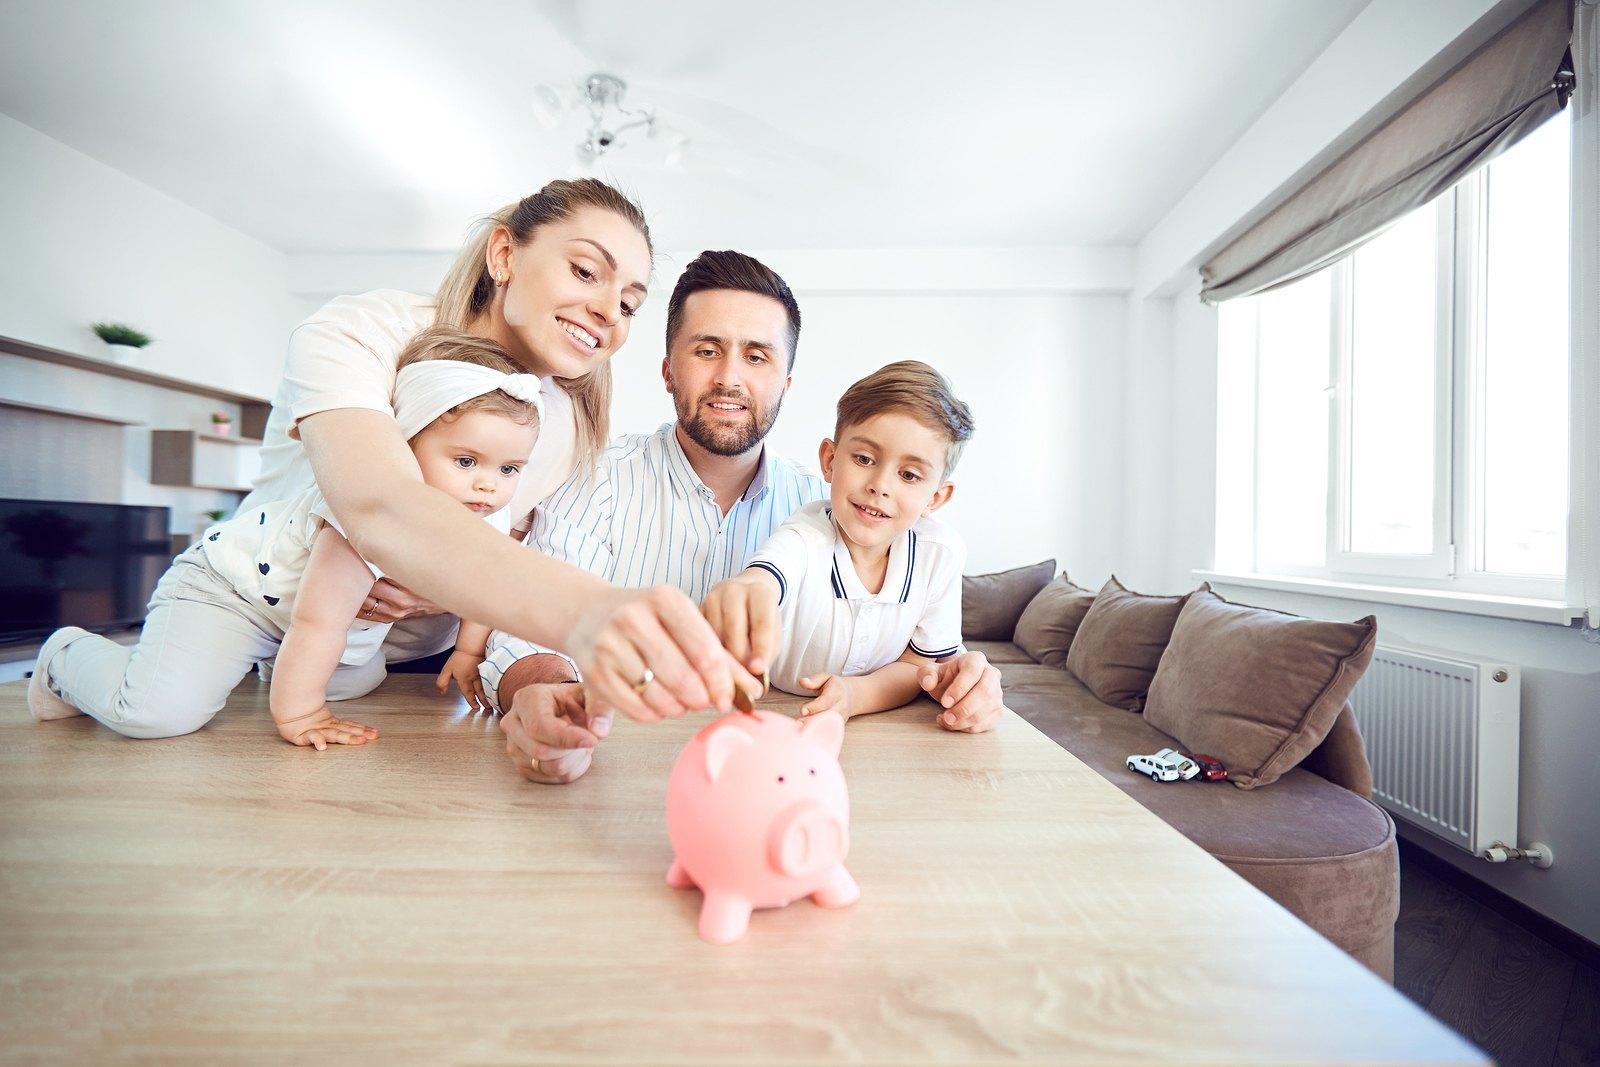 Cách ghi sổ chi tiêu và cách quản lý Tiền trong Gia đình - BYTUONG